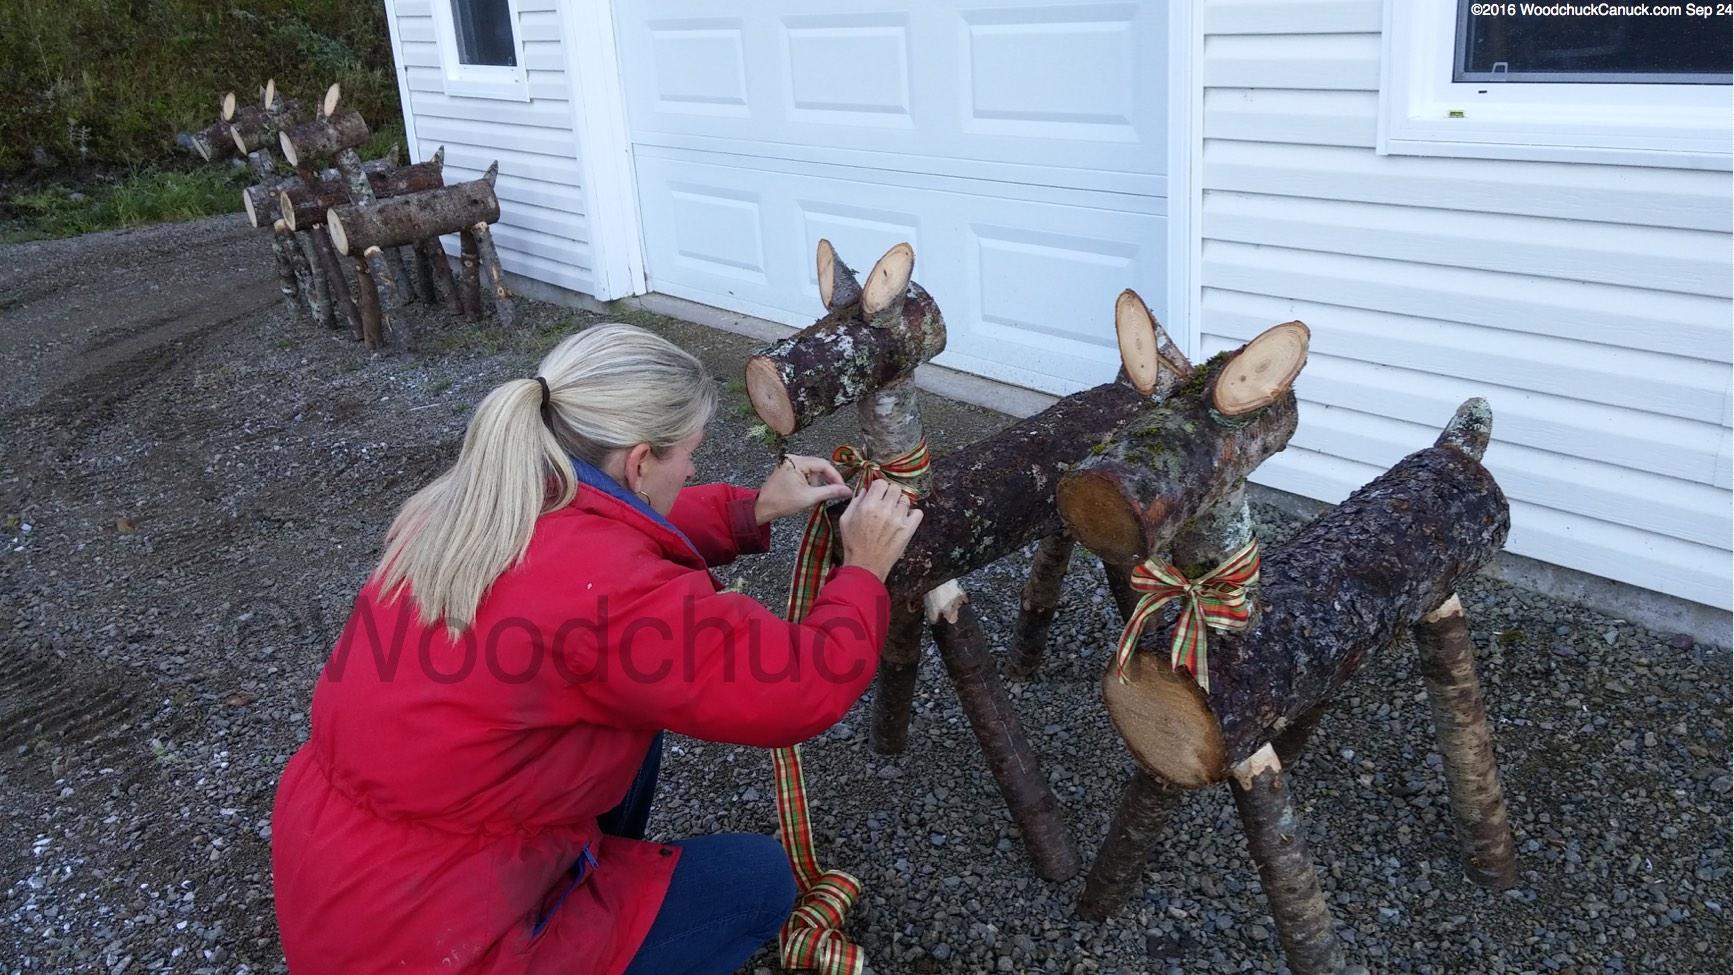 log reindeer � woodchuckcanuckcom